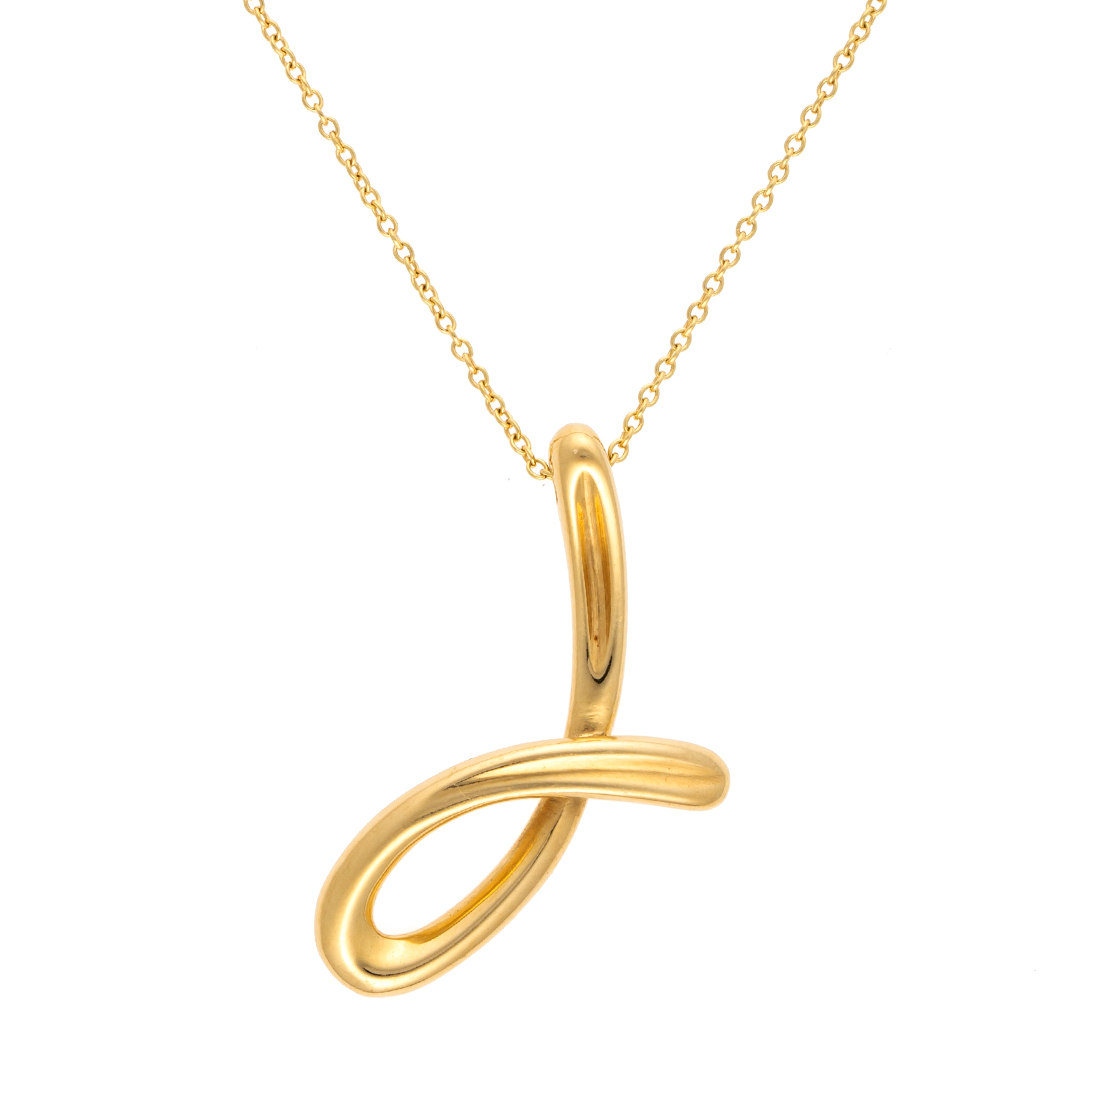 241193282da24 Tiffany & Co. 18K Yellow Gold Elsa Peretti J Necklace